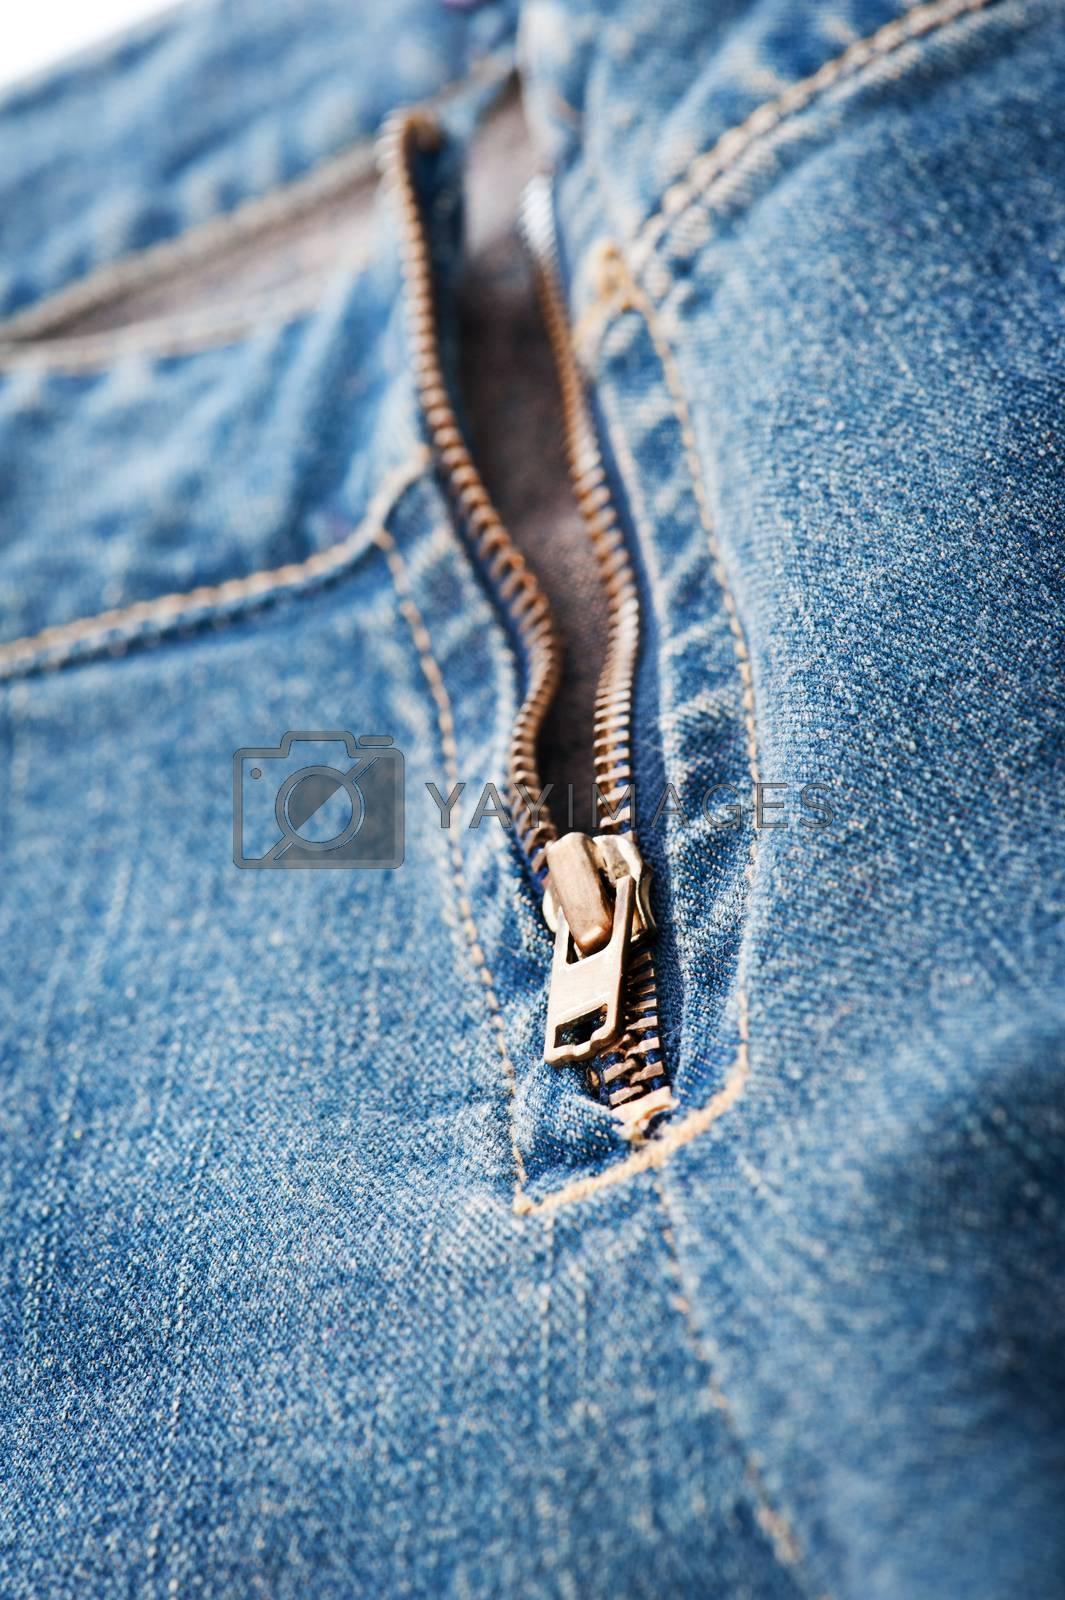 Closeup of blue denim jeans zipper